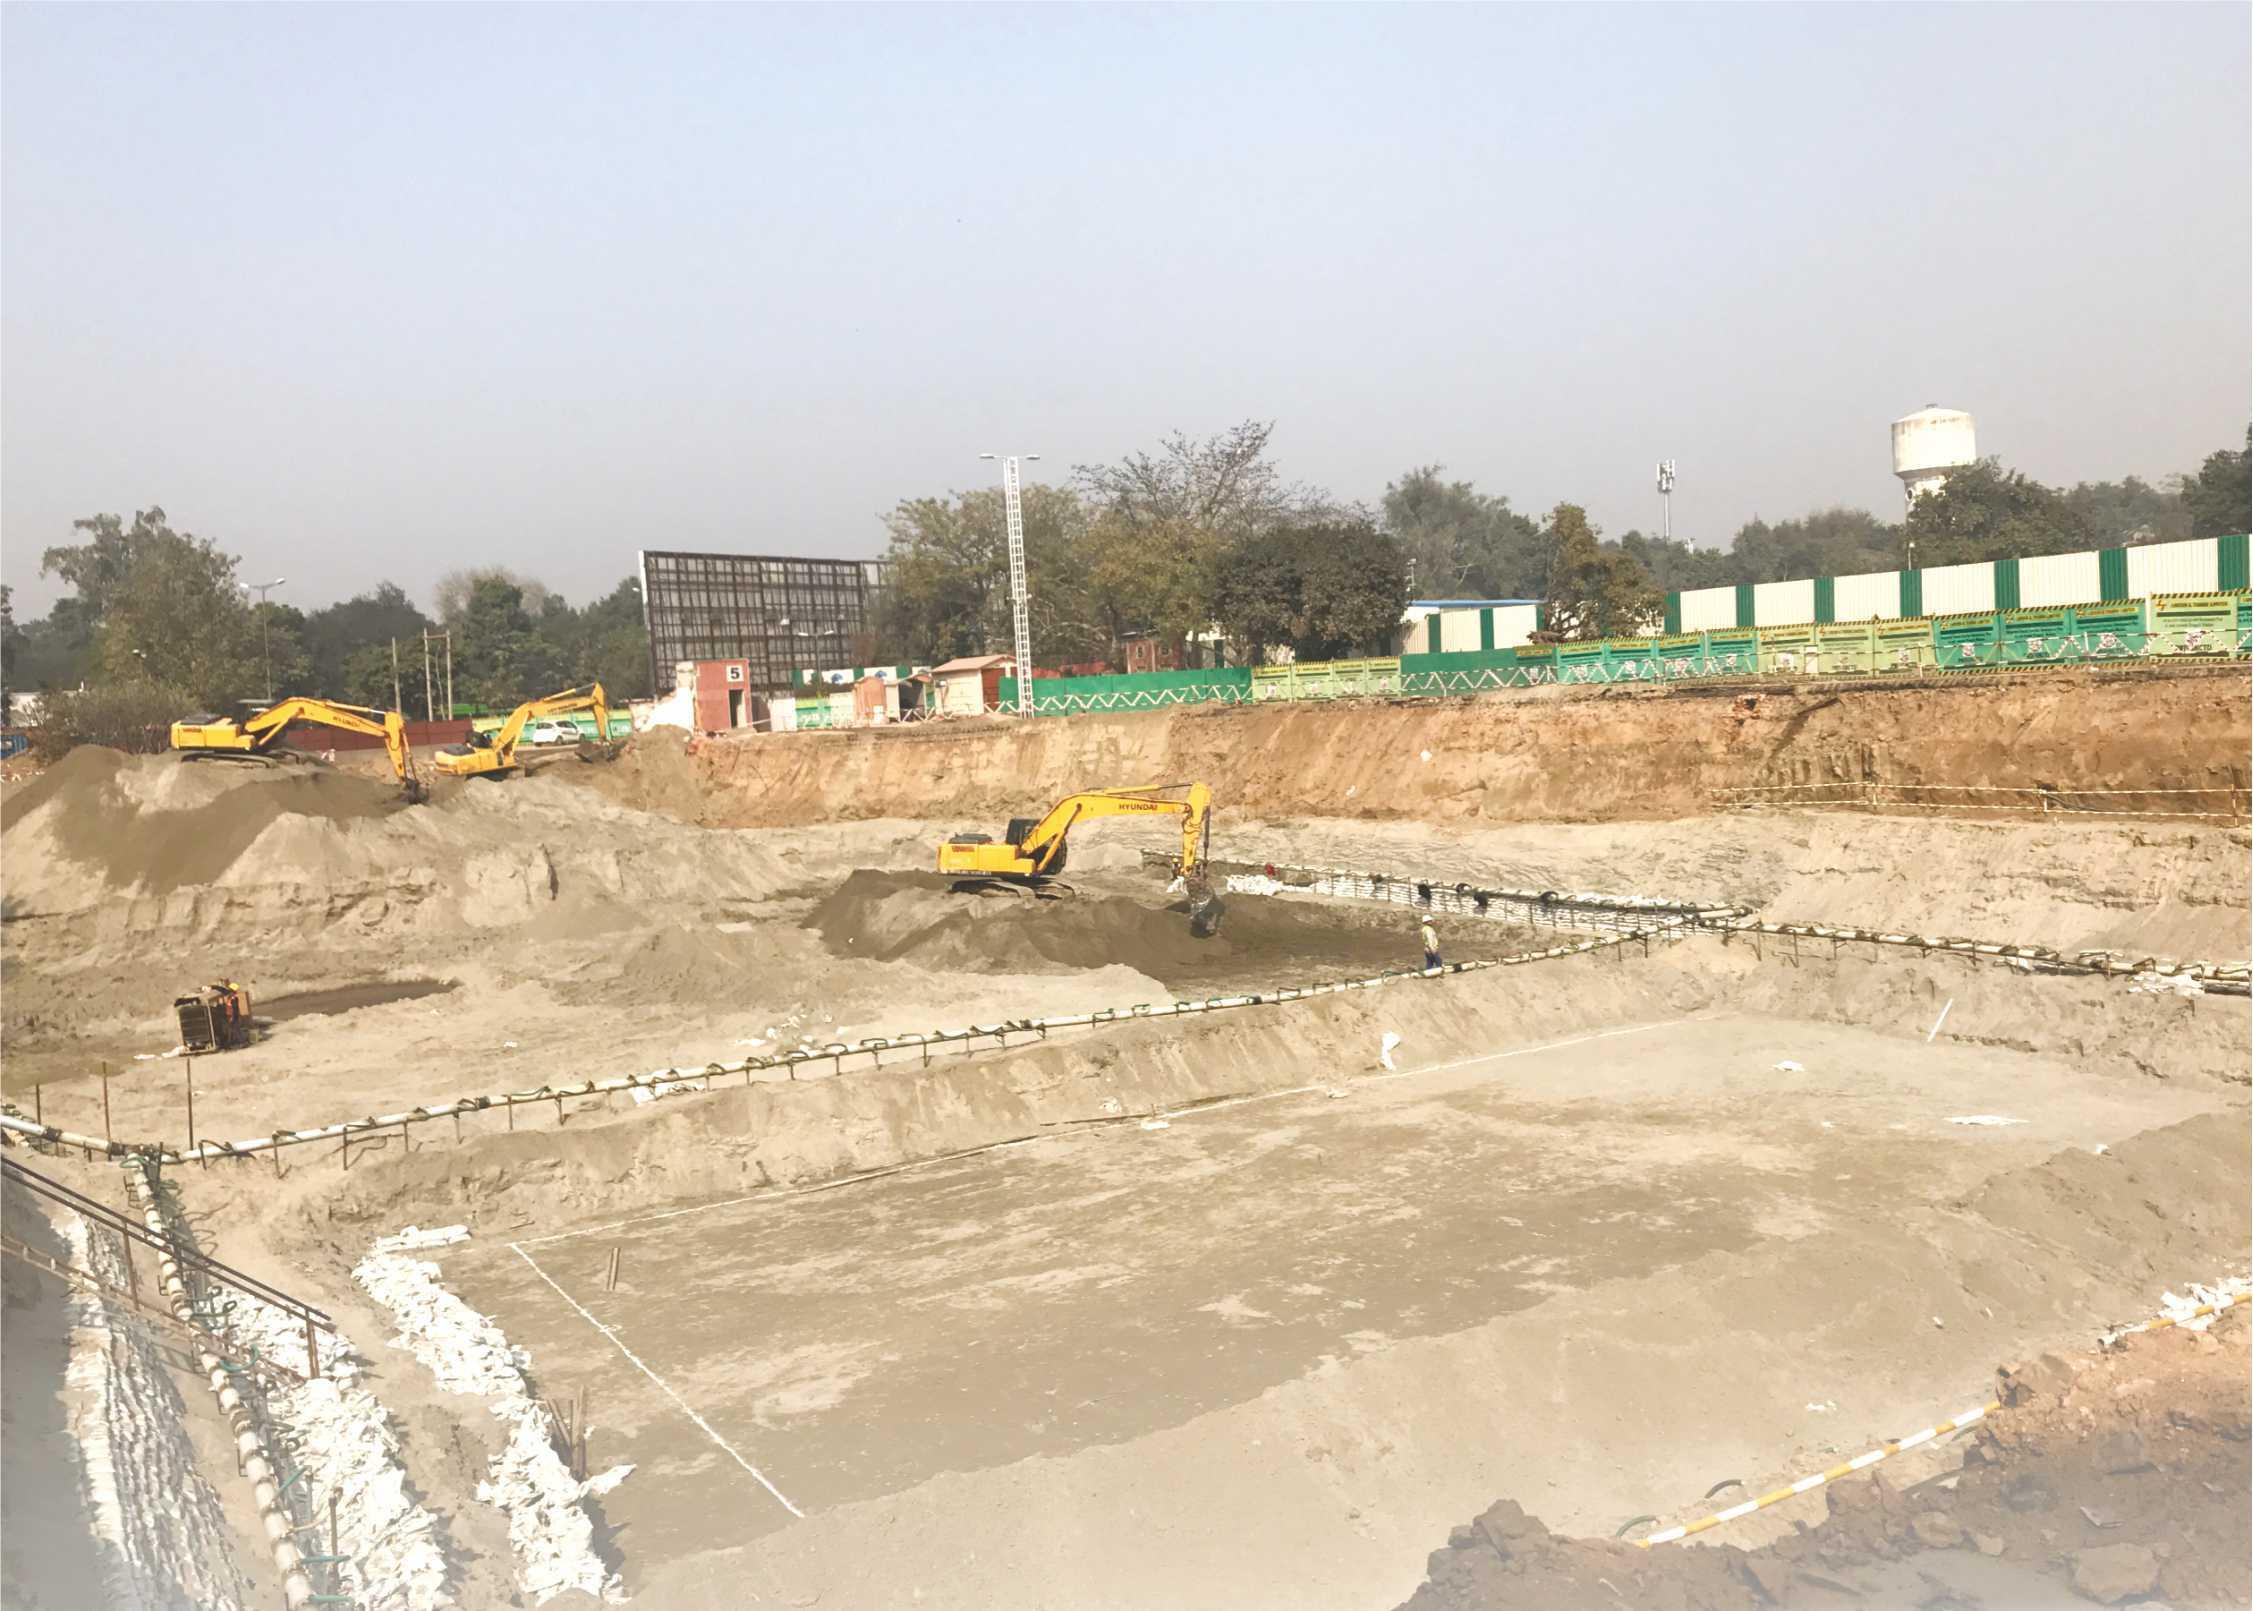 Construction at Pragati Maidan